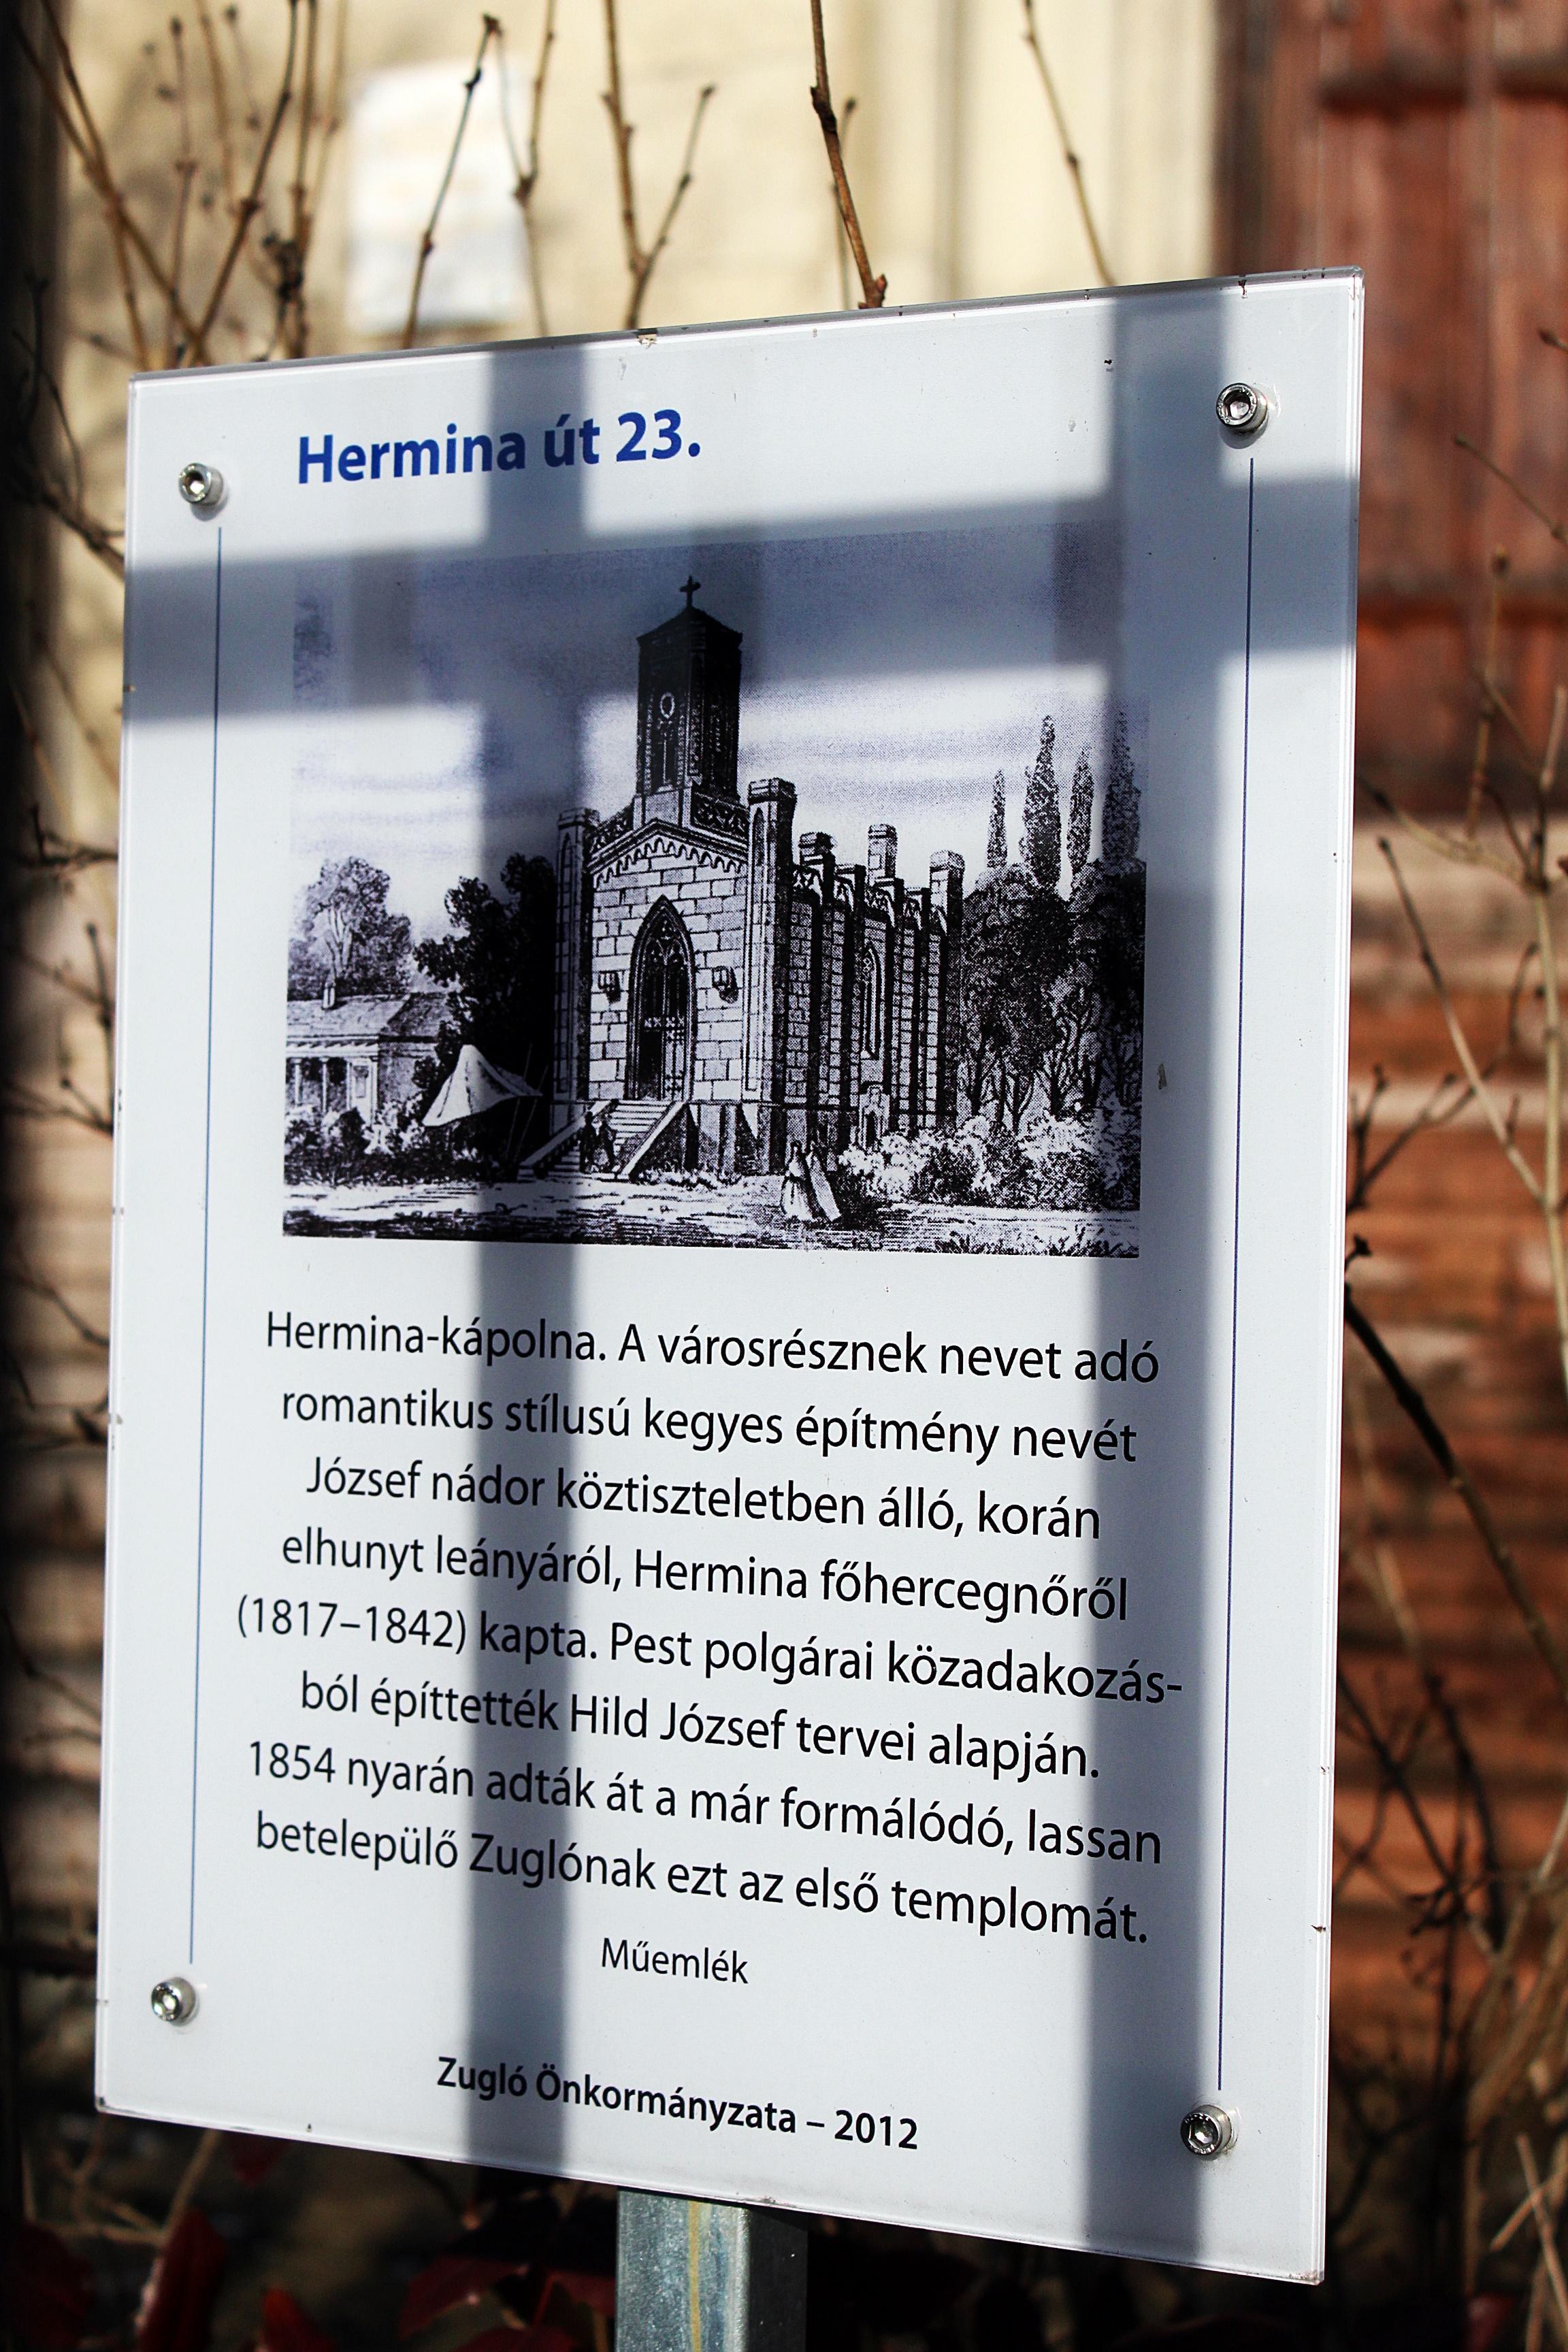 hermina-kapolna-herminaut-zuglo-hildjozsef-mysecretbudapest-2.JPG